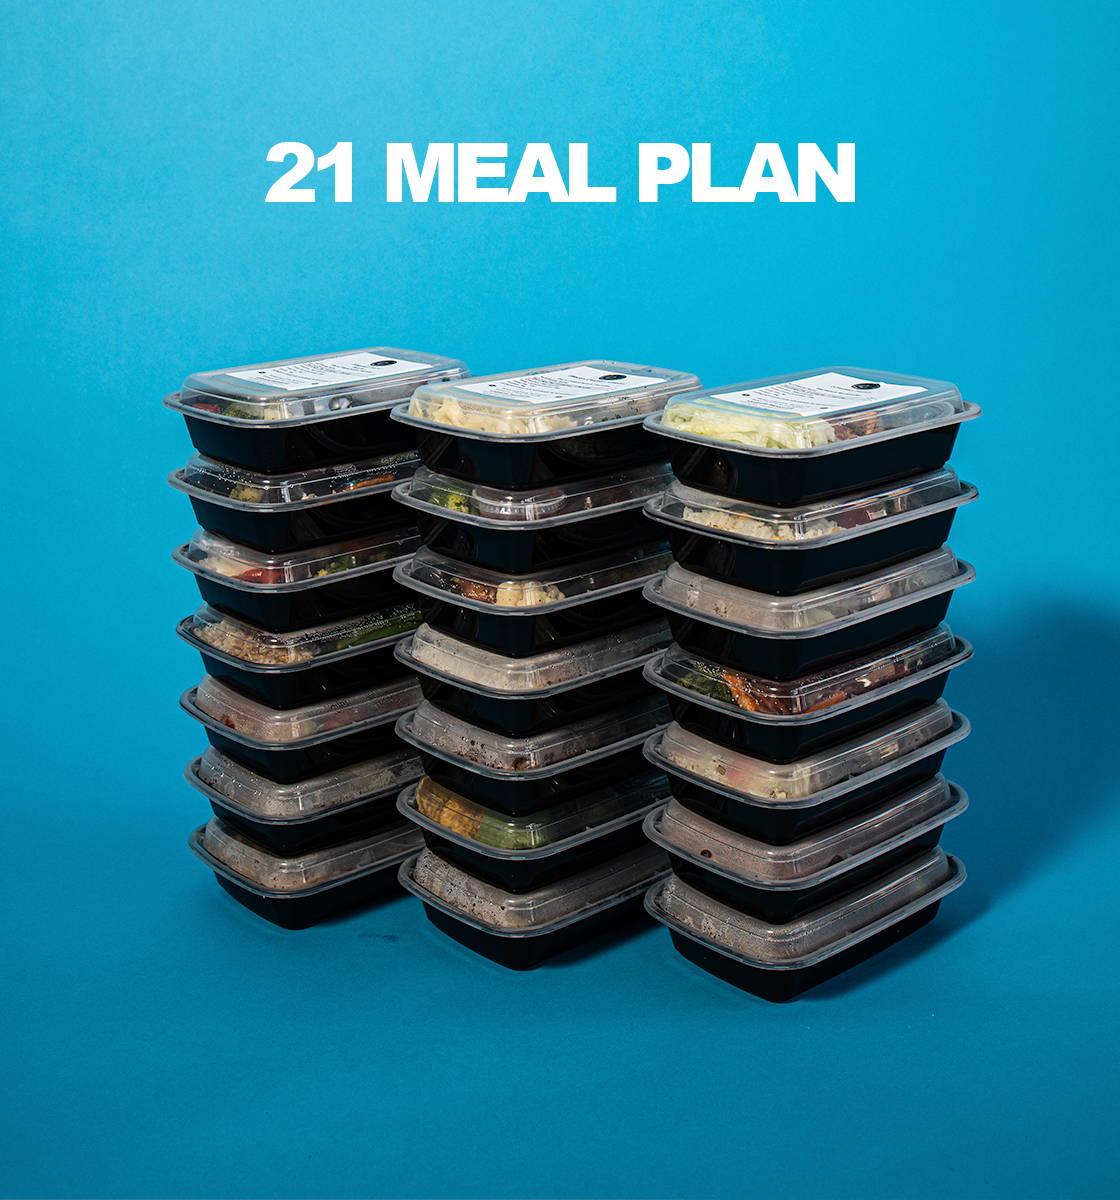 21 Meal Plan